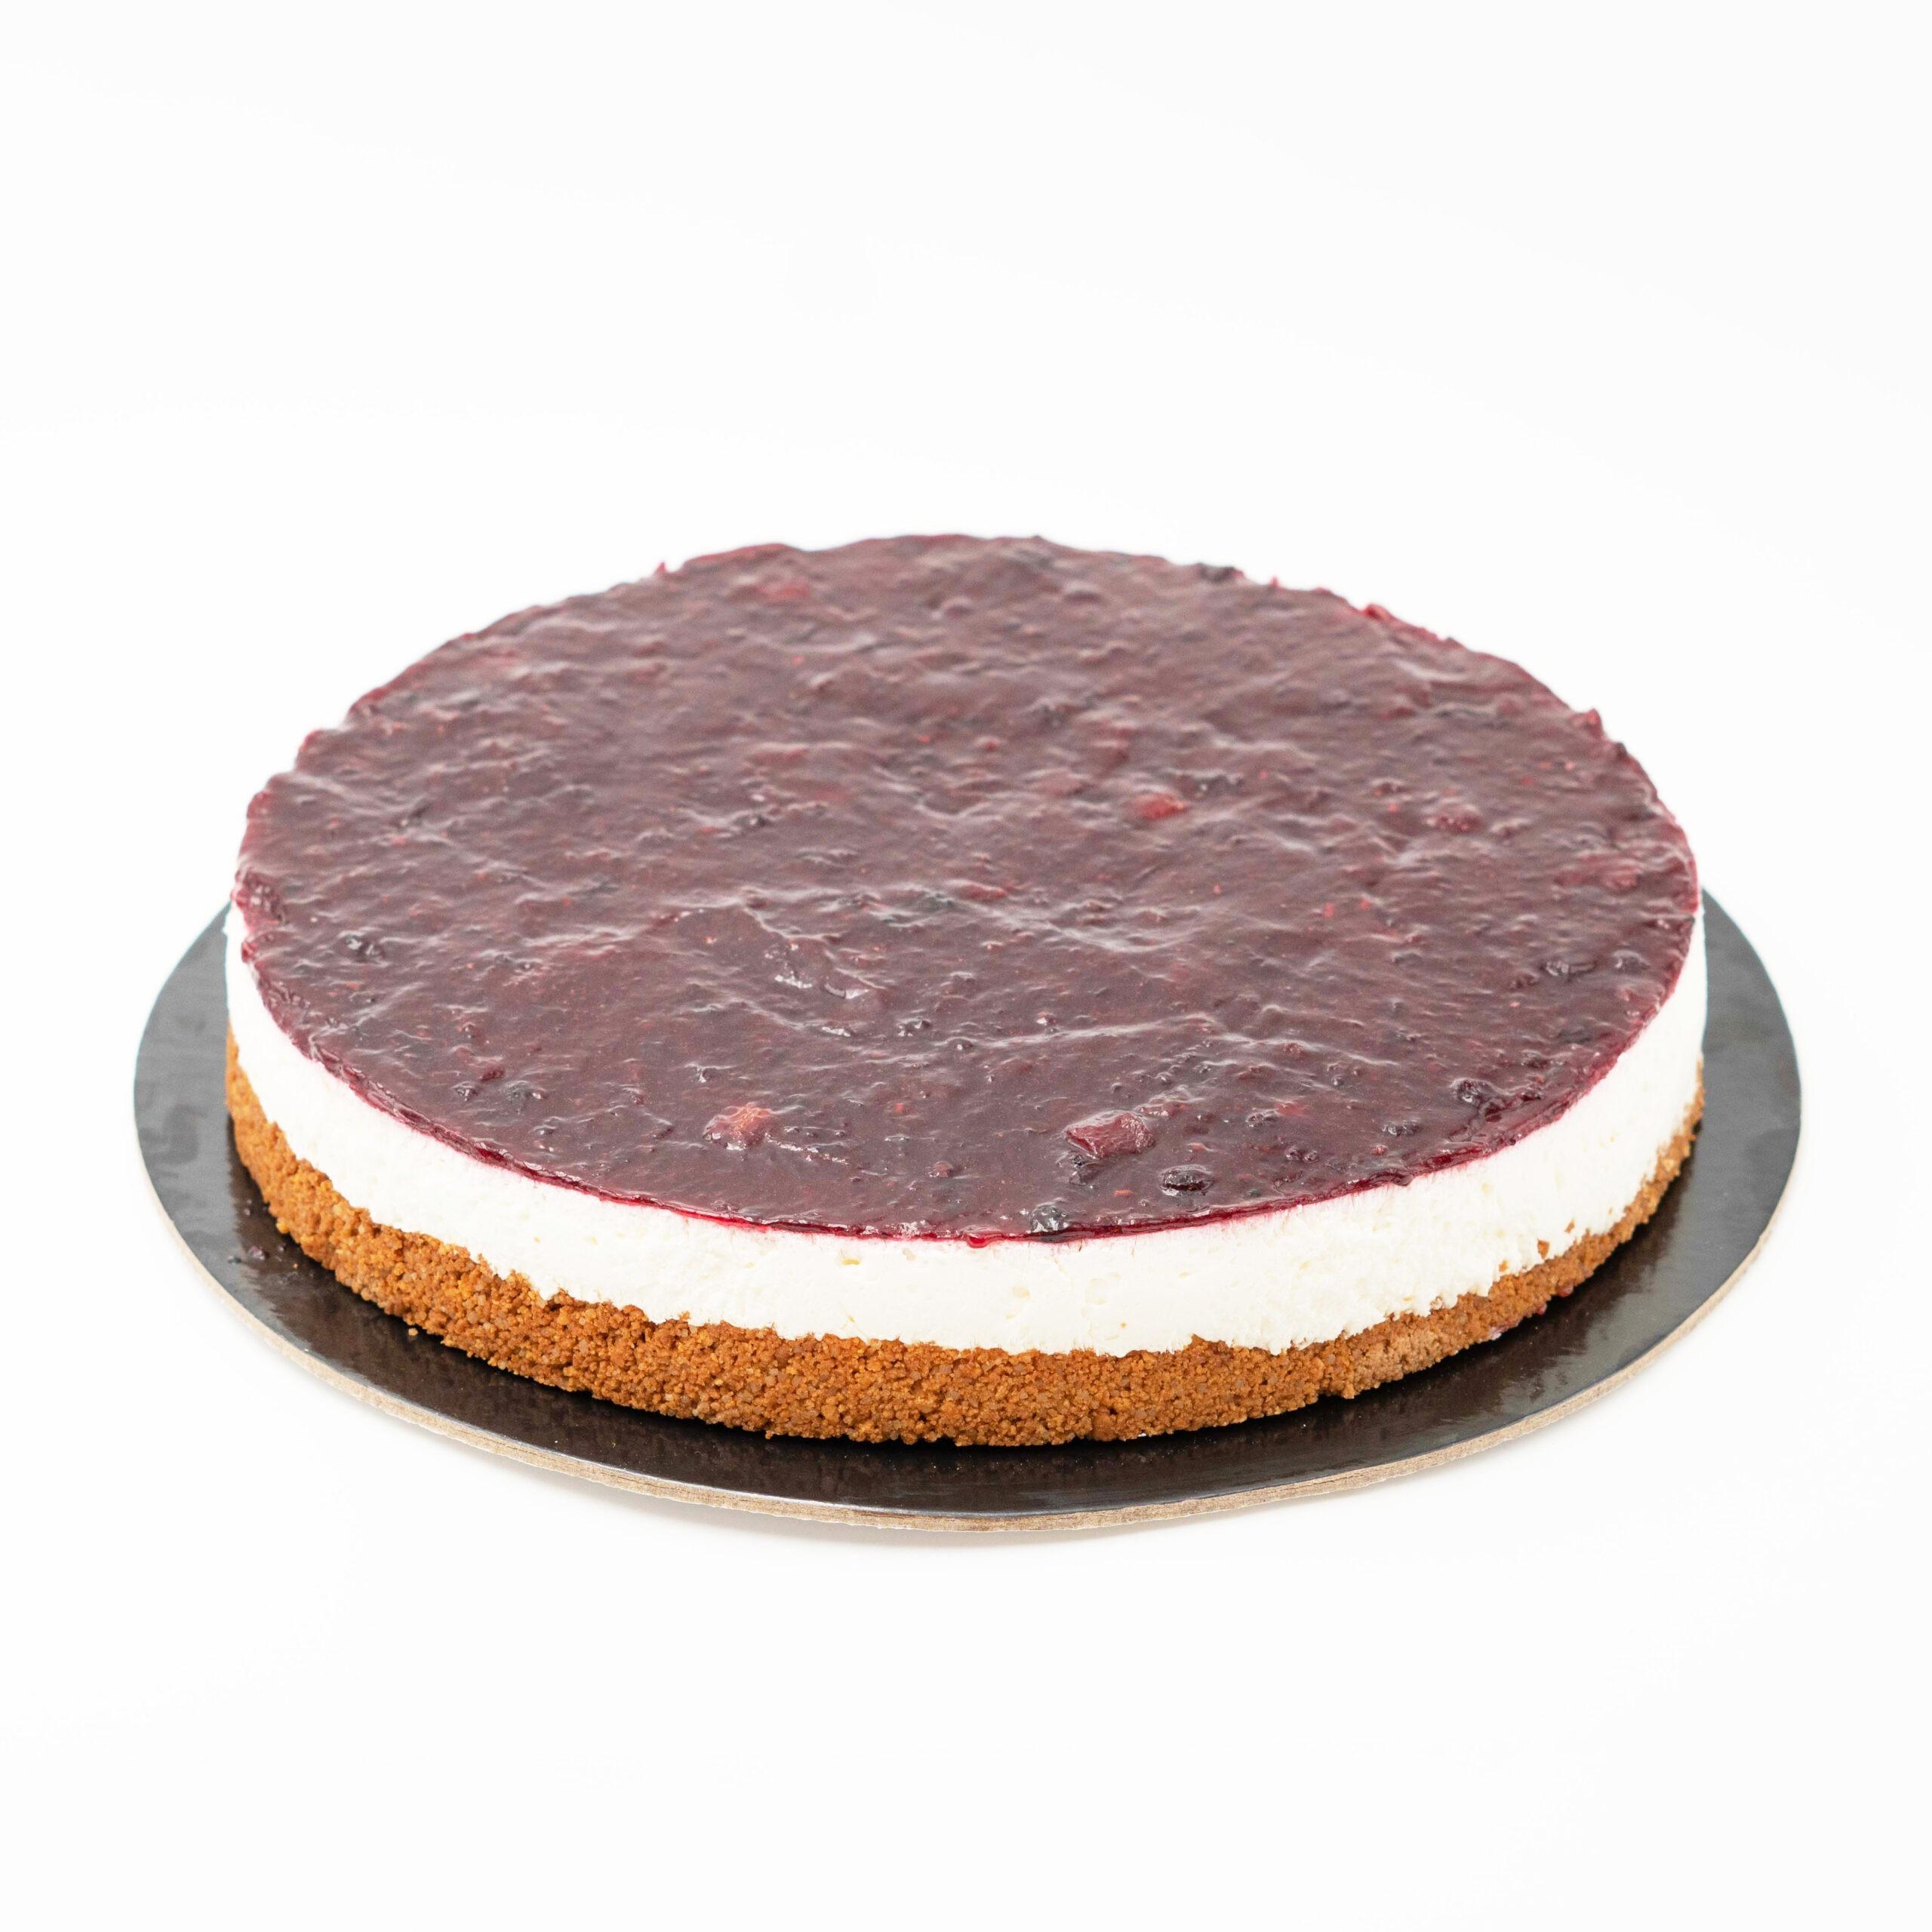 3-cheesecake-frutos-silvestres-atelier-doce-alfeizerao-doces-conventuais